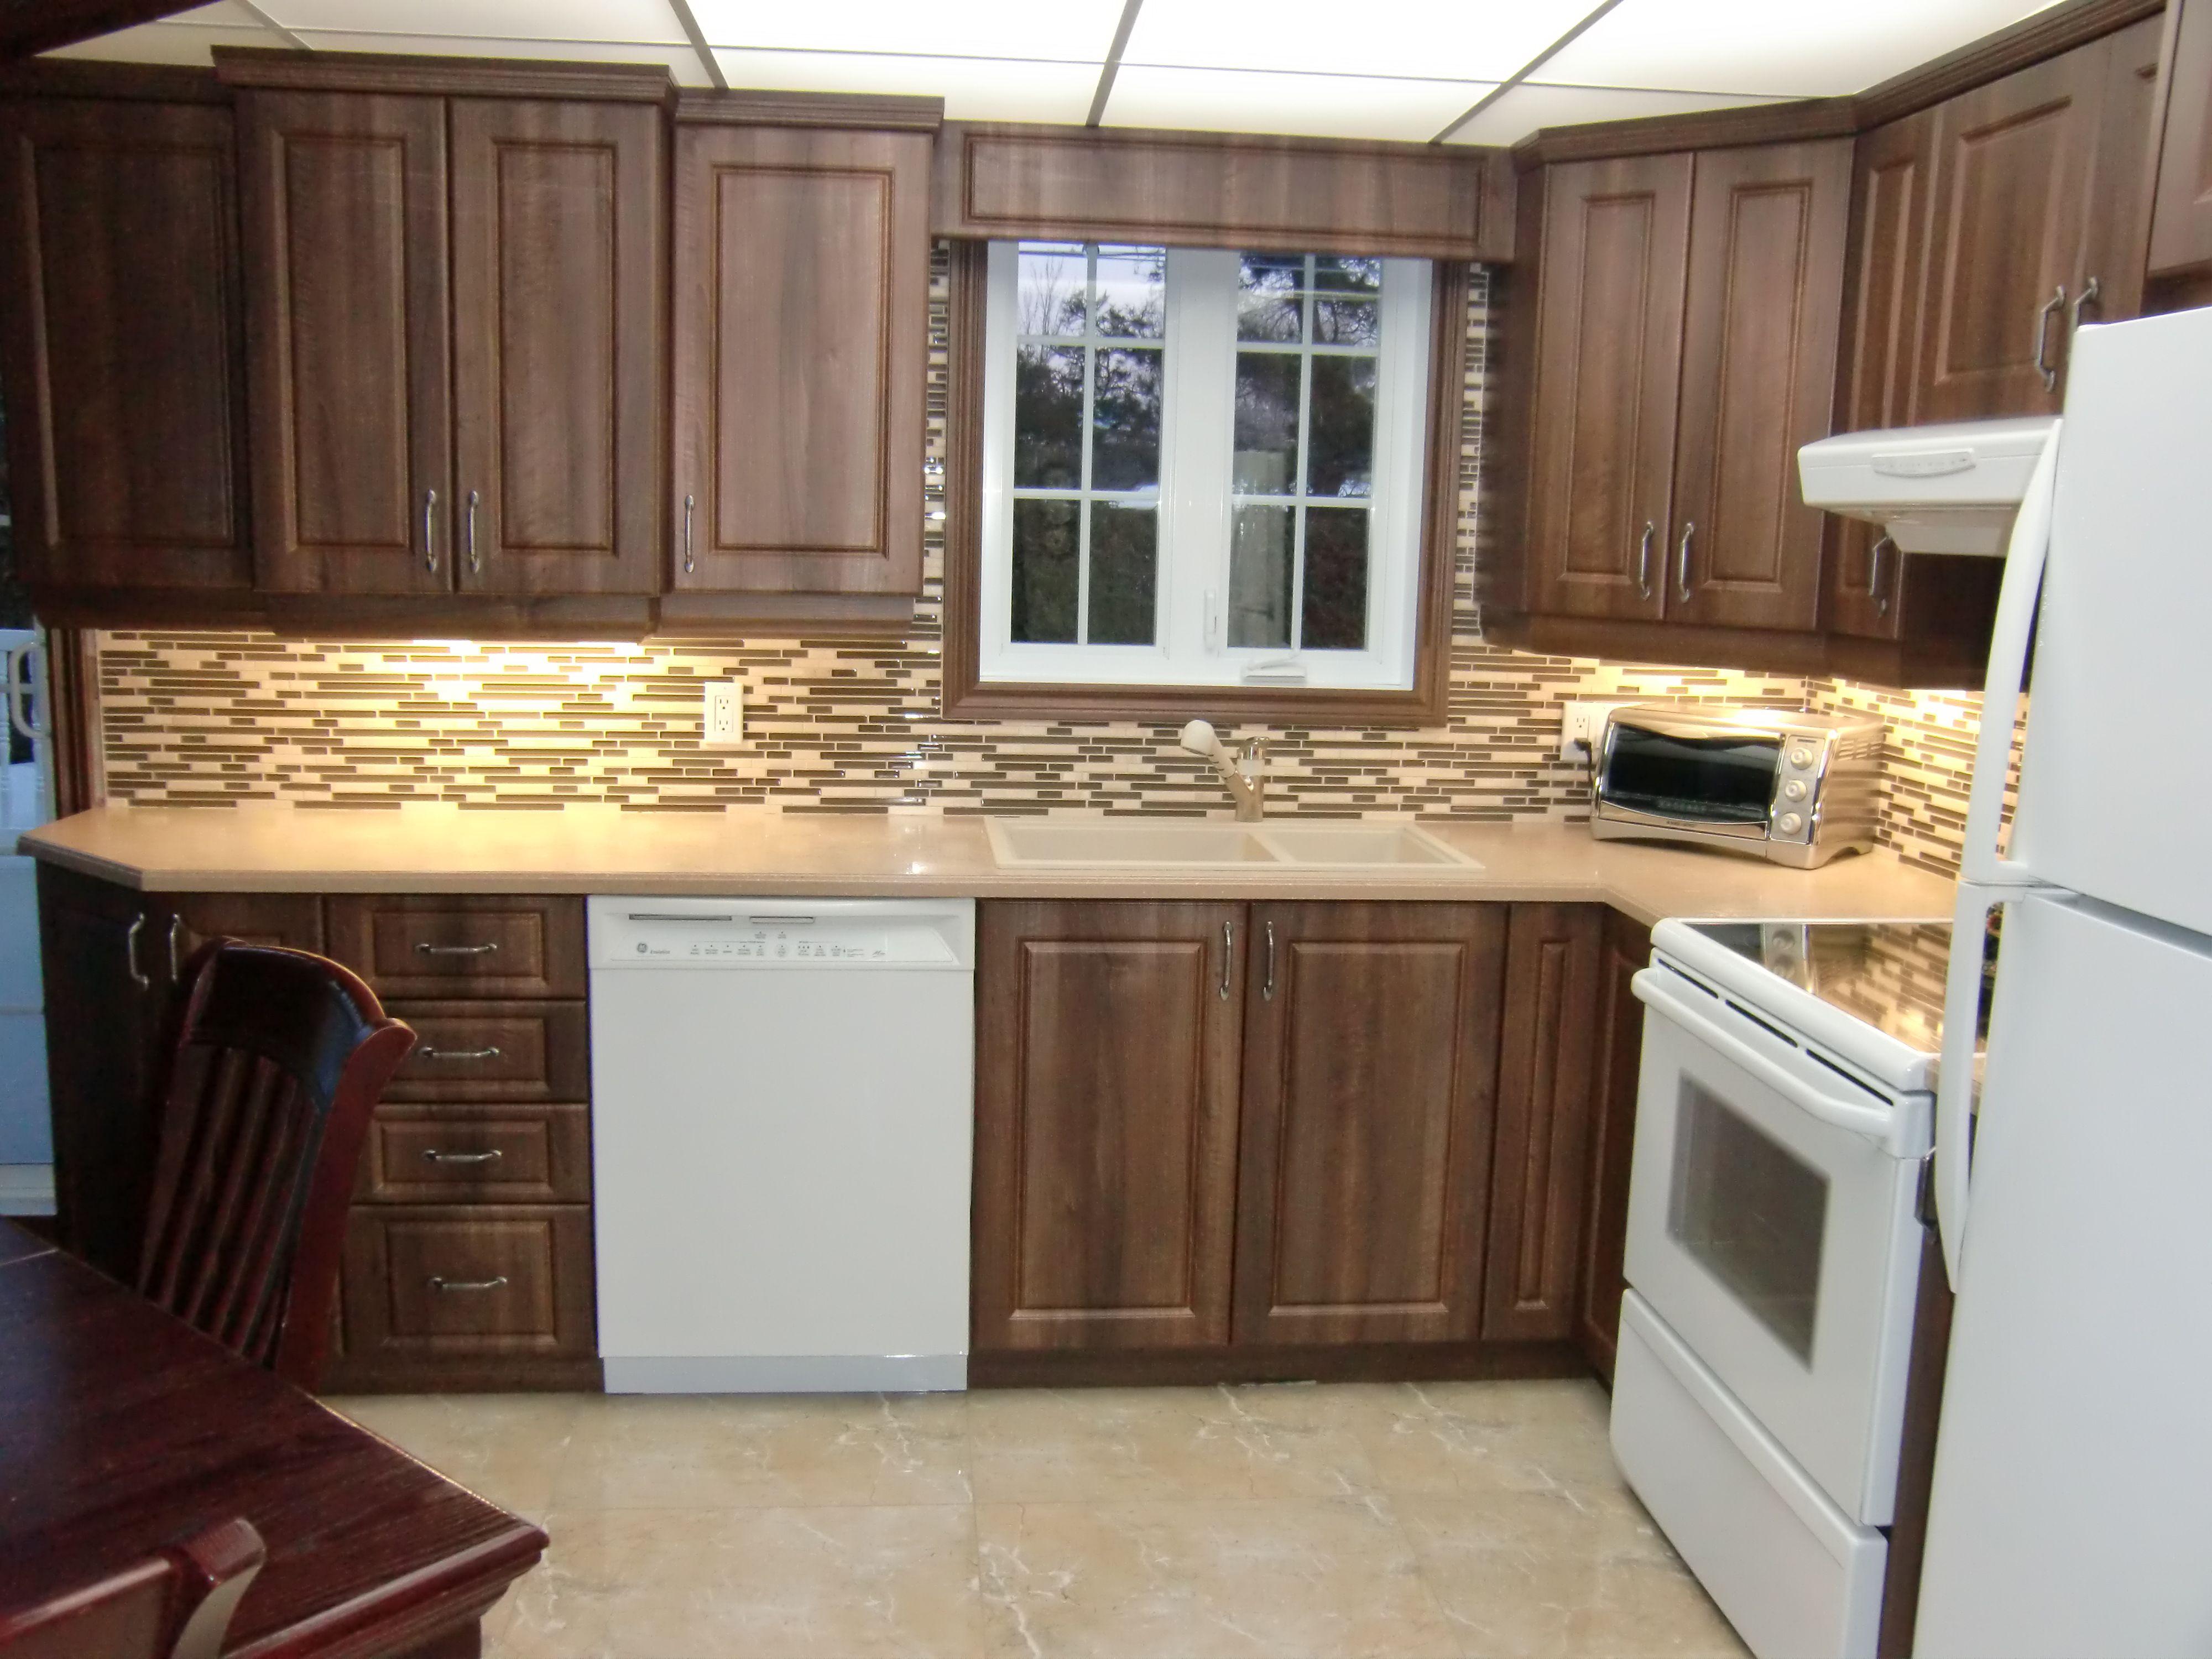 Armoire de cuisine classique en thermoplastique armoire classique 2 mod le 2 pinterest - Teindre armoire de cuisine ...